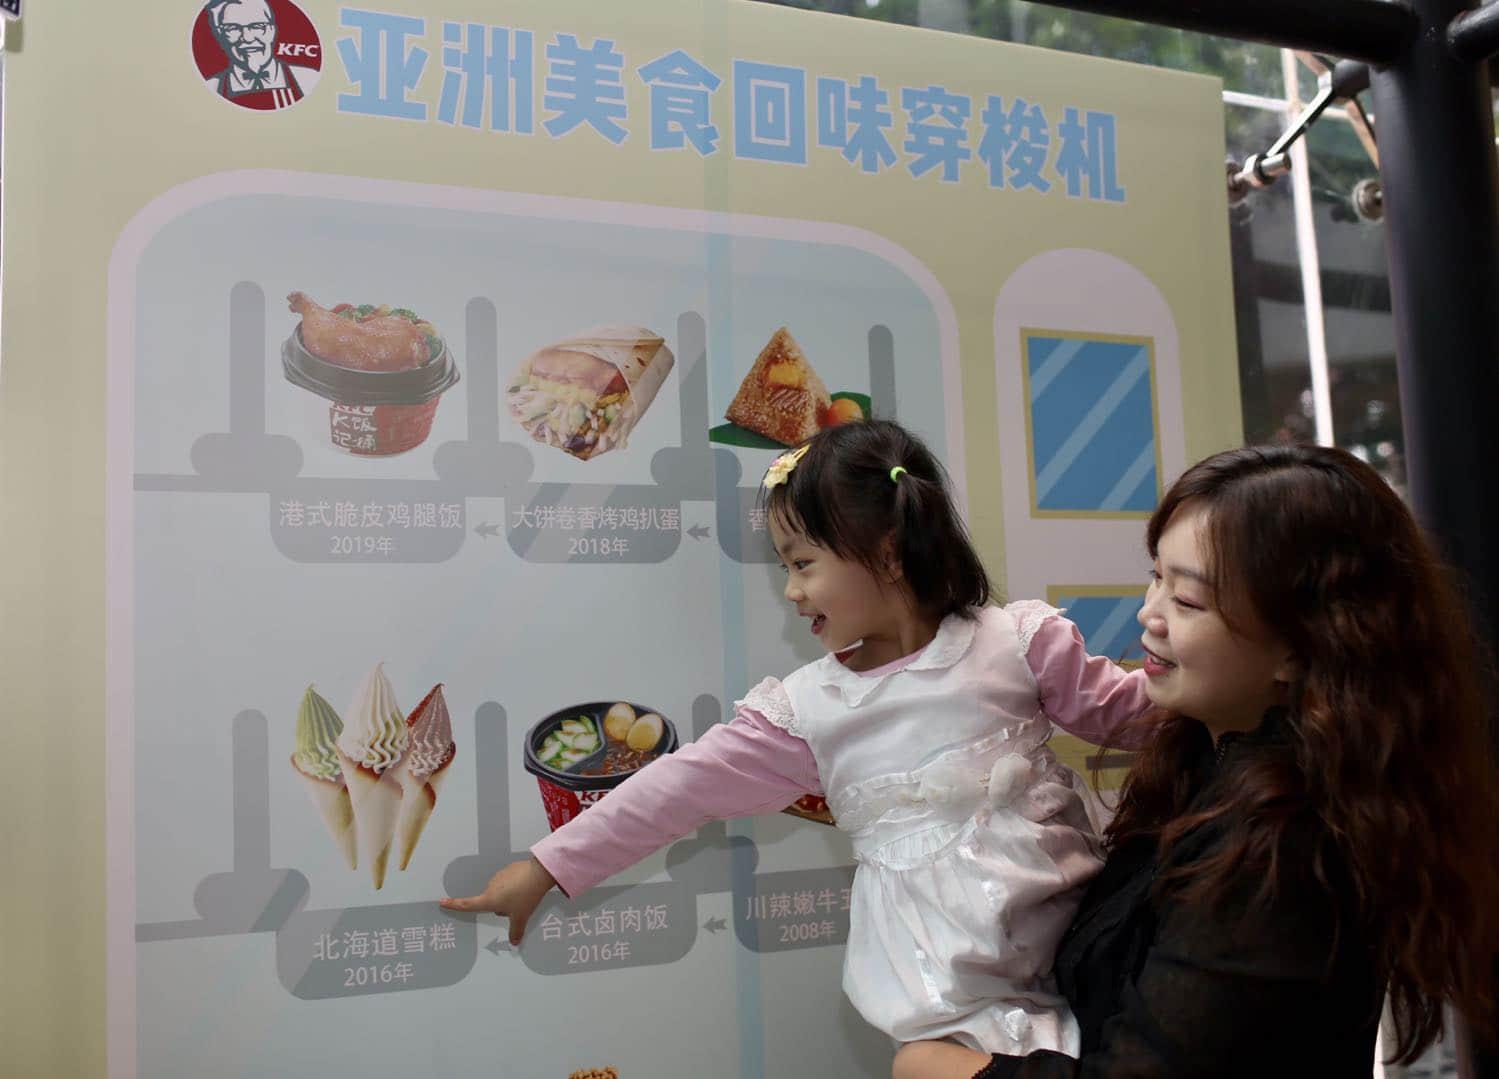 肯德基历年来的经典亚洲风味产品带给消费者难忘的回忆